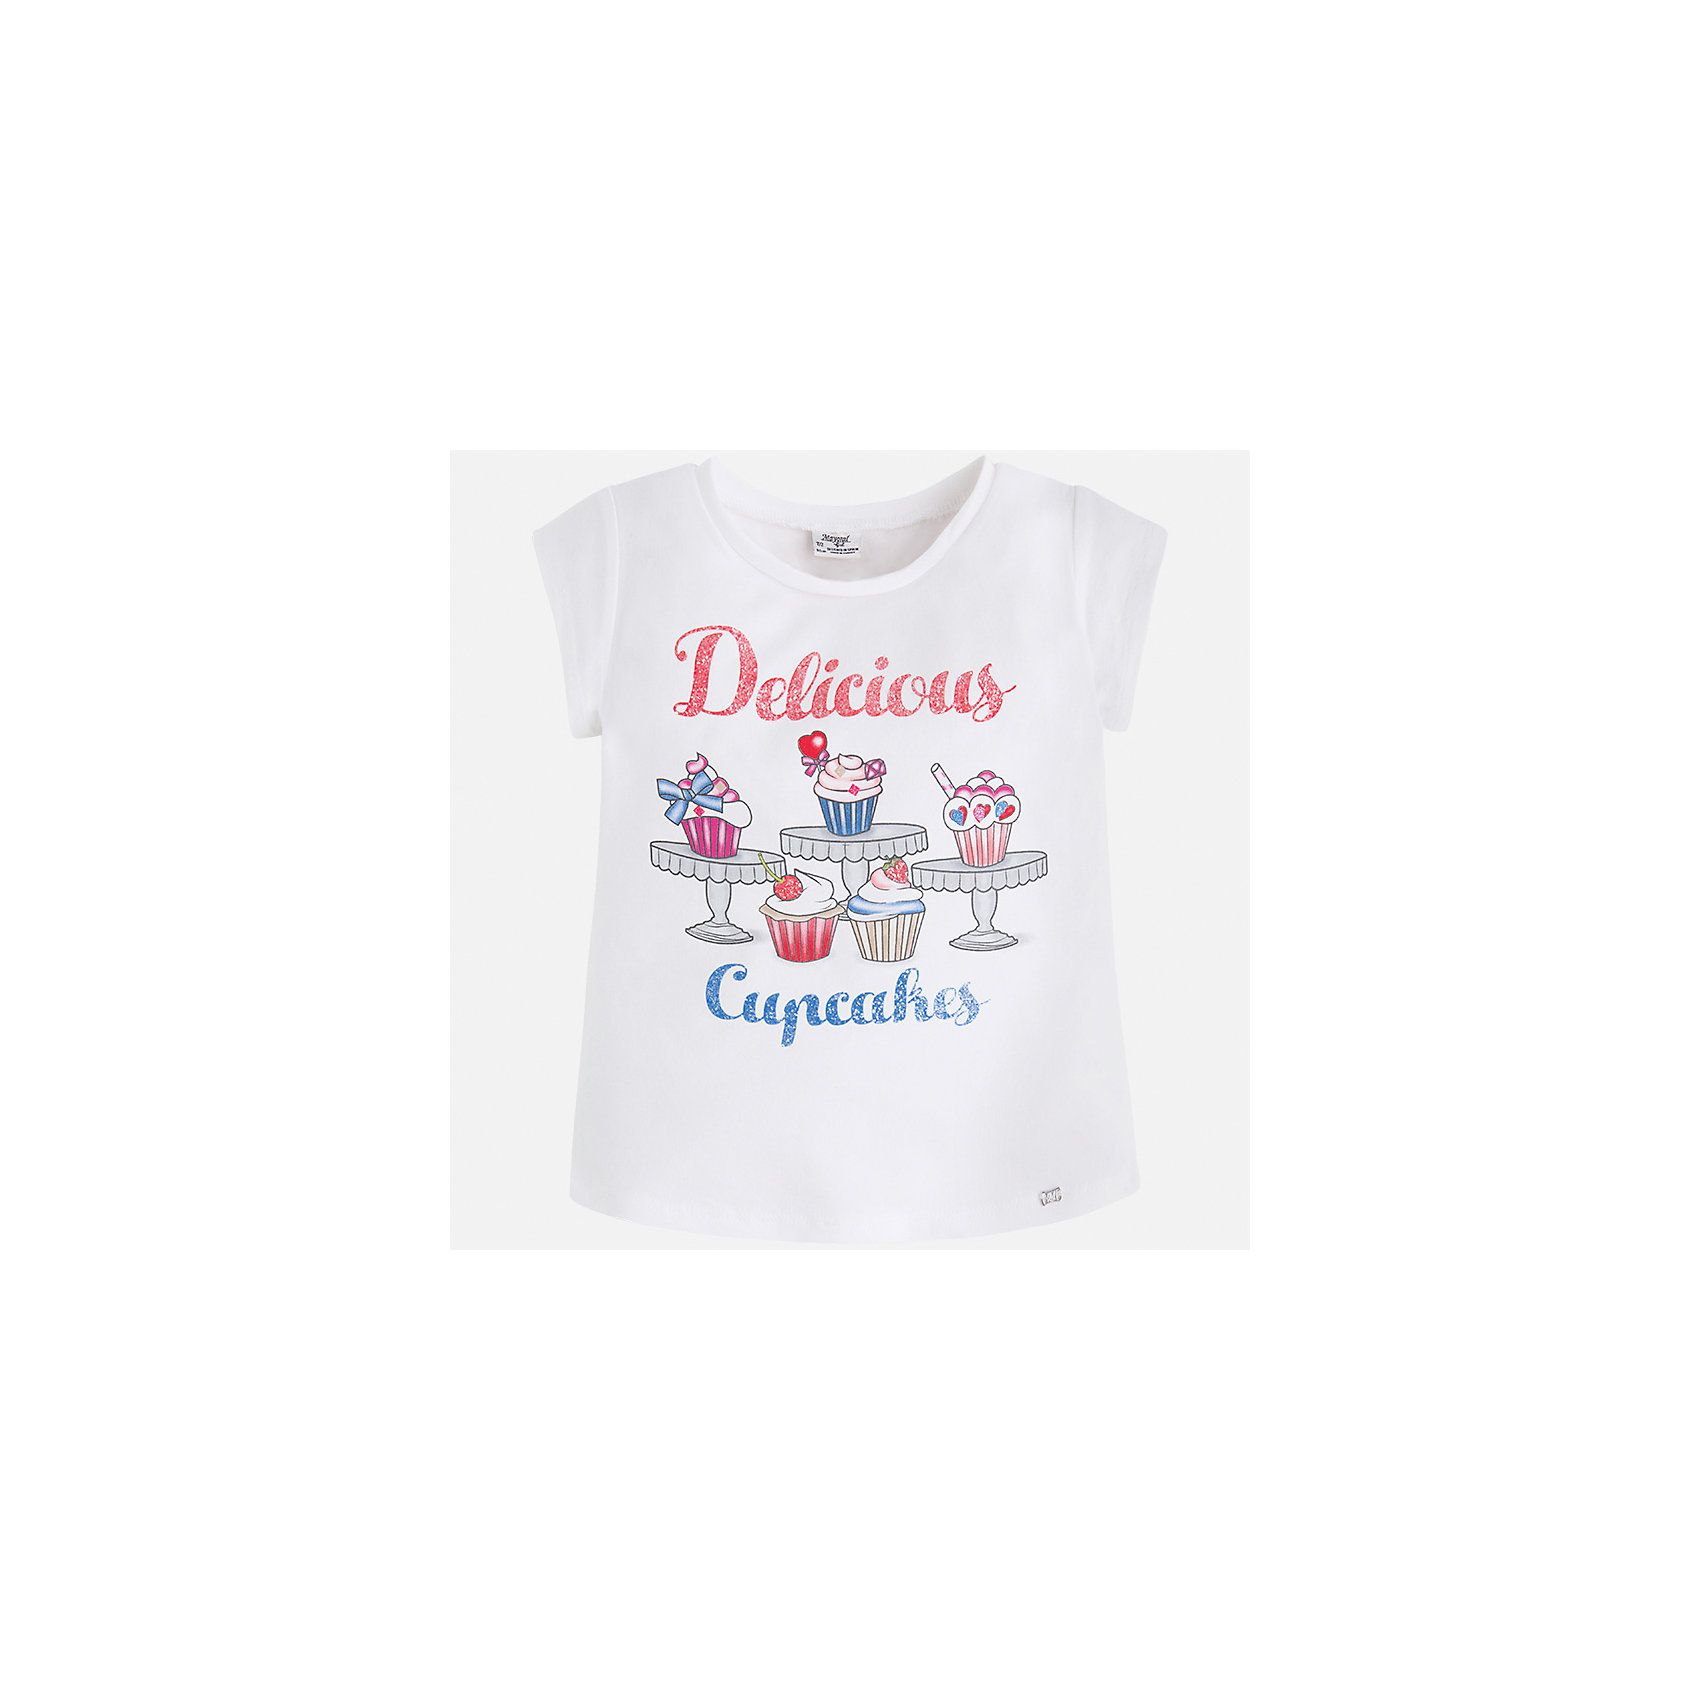 Футболка для девочки MayoralХарактеристики товара:<br><br>• цвет: белый<br>• состав: 95% хлопок, 5% эластан<br>• эластичный материал<br>• декорирована принтом<br>• короткие рукава<br>• округлый горловой вырез<br>• страна бренда: Испания<br><br>Модная качественная футболка для девочки поможет разнообразить гардероб ребенка и украсить наряд. Она отлично сочетается и с юбками, и с шортами, и с брюками. Универсальный цвет позволяет подобрать к вещи низ практически любой расцветки. Интересная отделка модели делает её нарядной и оригинальной. В составе материала есть натуральный хлопок, гипоаллергенный, приятный на ощупь, дышащий.<br><br>Одежда, обувь и аксессуары от испанского бренда Mayoral полюбились детям и взрослым по всему миру. Модели этой марки - стильные и удобные. Для их производства используются только безопасные, качественные материалы и фурнитура. Порадуйте ребенка модными и красивыми вещами от Mayoral! <br><br>Футболку для девочки от испанского бренда Mayoral (Майорал) можно купить в нашем интернет-магазине.<br><br>Ширина мм: 199<br>Глубина мм: 10<br>Высота мм: 161<br>Вес г: 151<br>Цвет: белый<br>Возраст от месяцев: 96<br>Возраст до месяцев: 108<br>Пол: Женский<br>Возраст: Детский<br>Размер: 134,92,98,104,110,116,122,128<br>SKU: 5300309